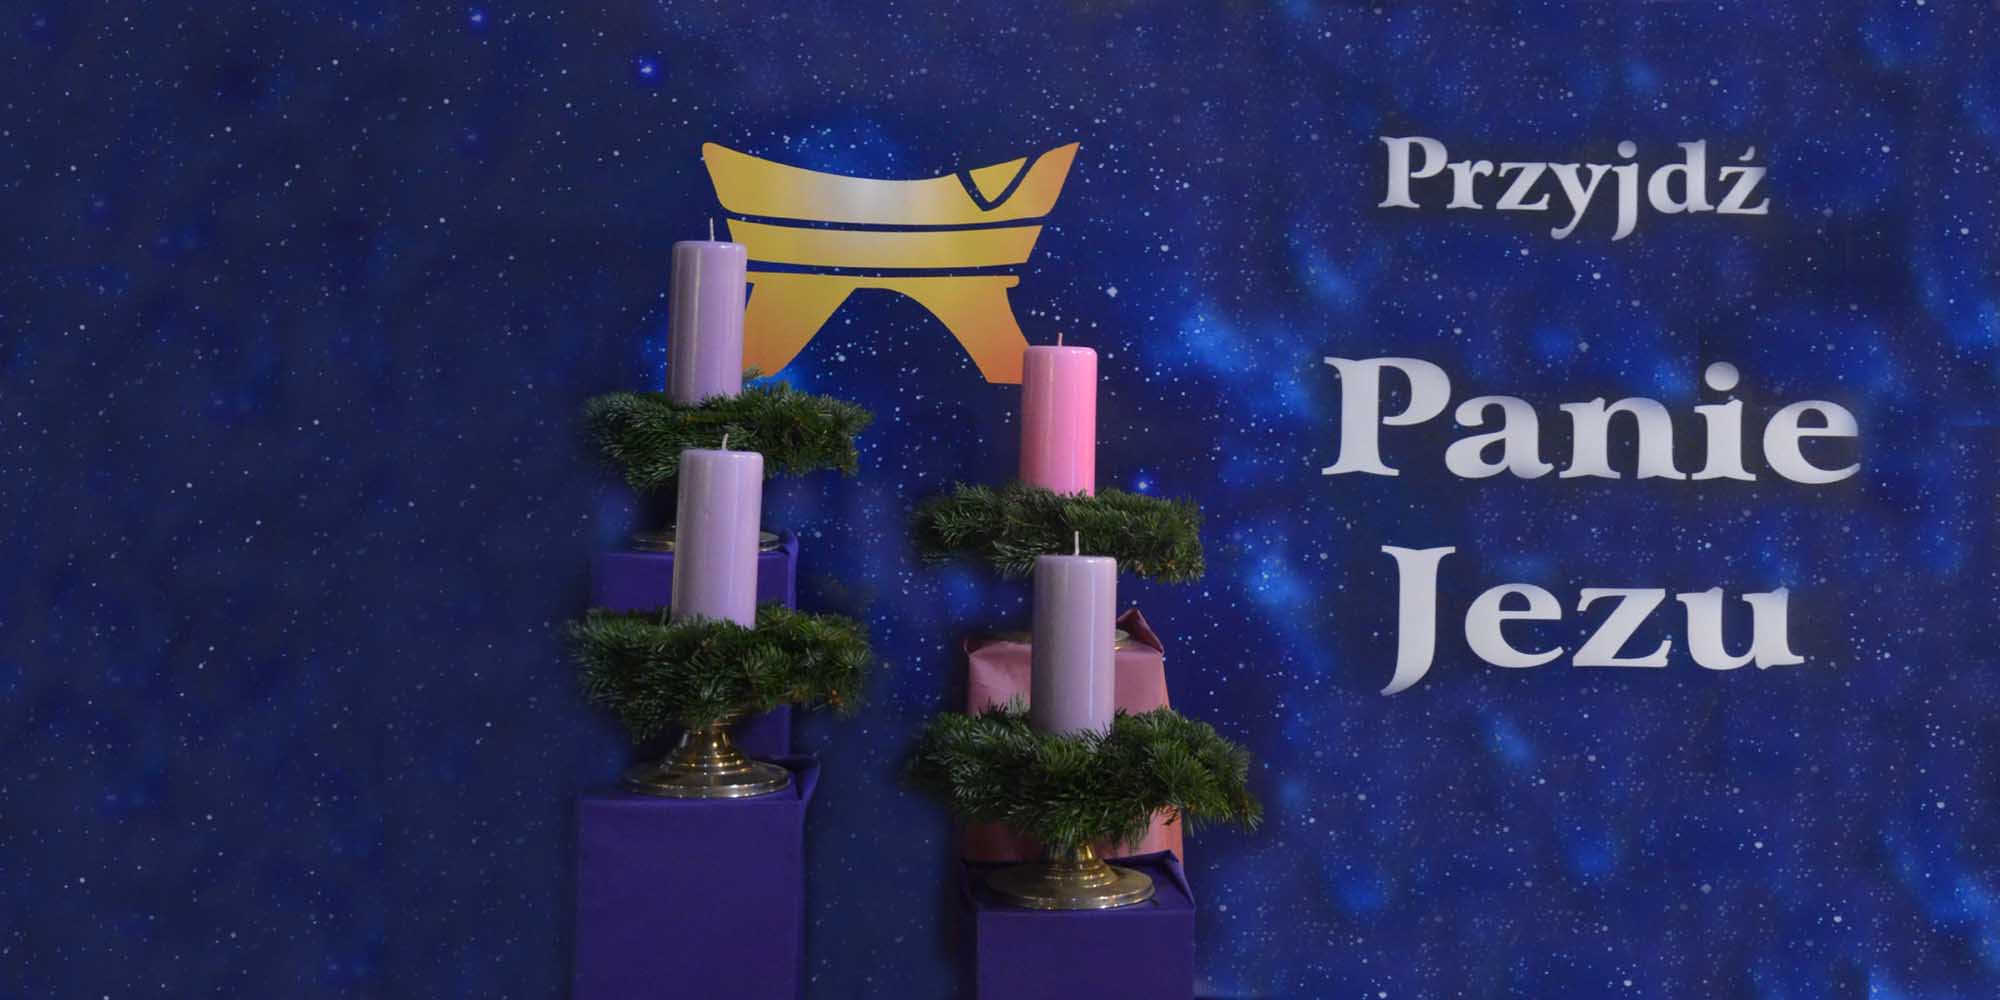 http://seminariumfranciszkanskie.pl/wp-content/uploads/2013/06/adwent-slider.jpg